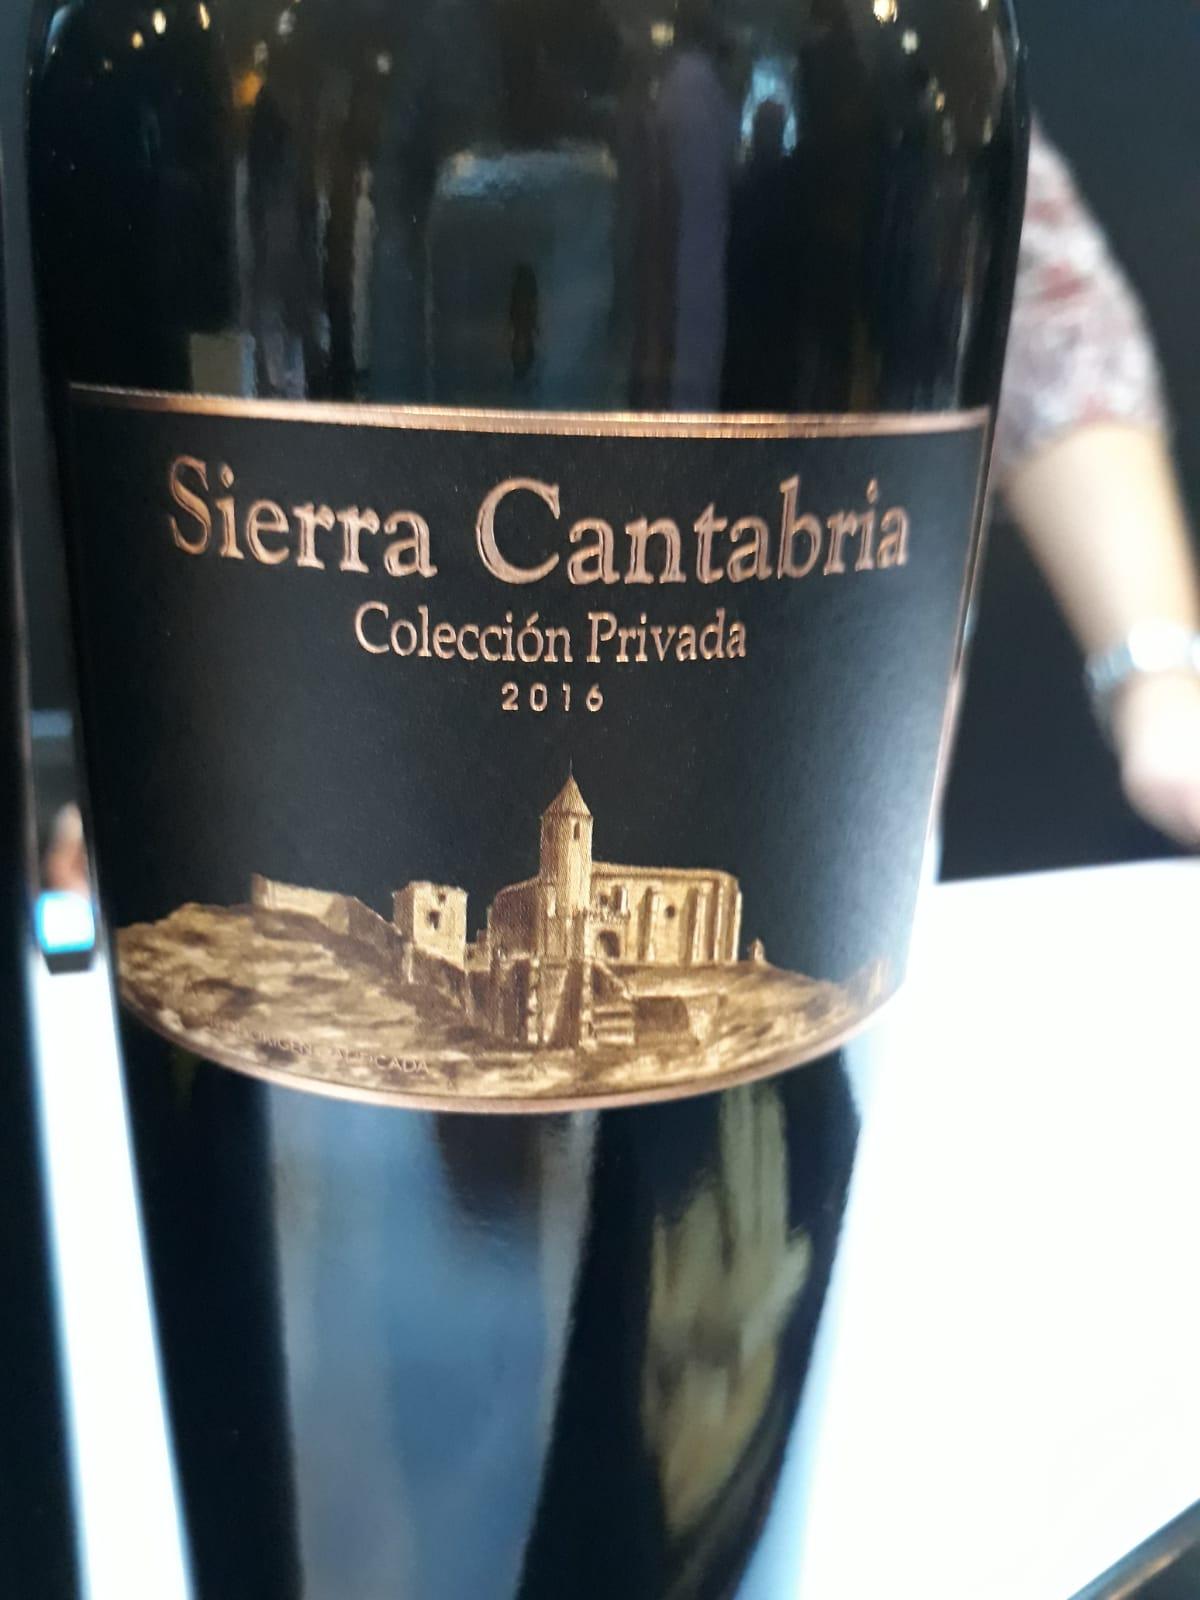 Sierra Cantabria Colección Privada 2016